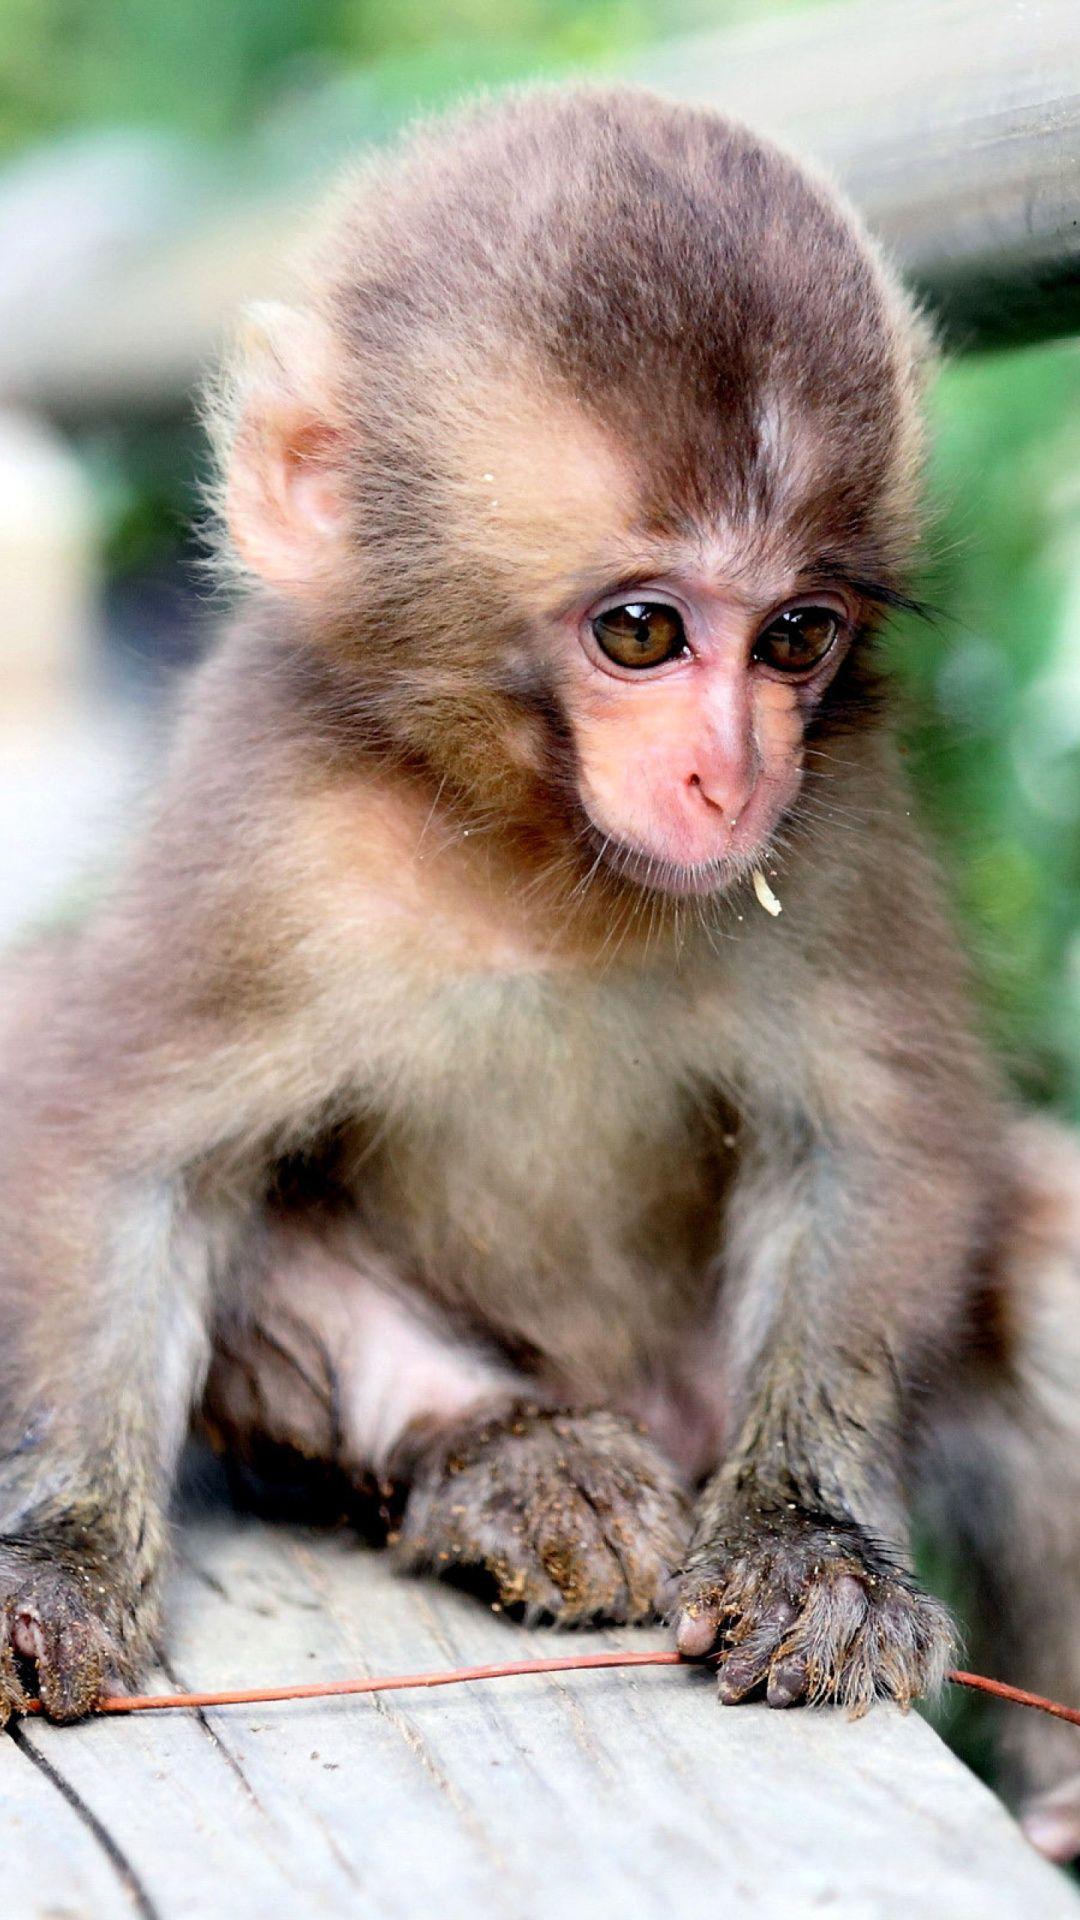 Sad Monkey Pictures